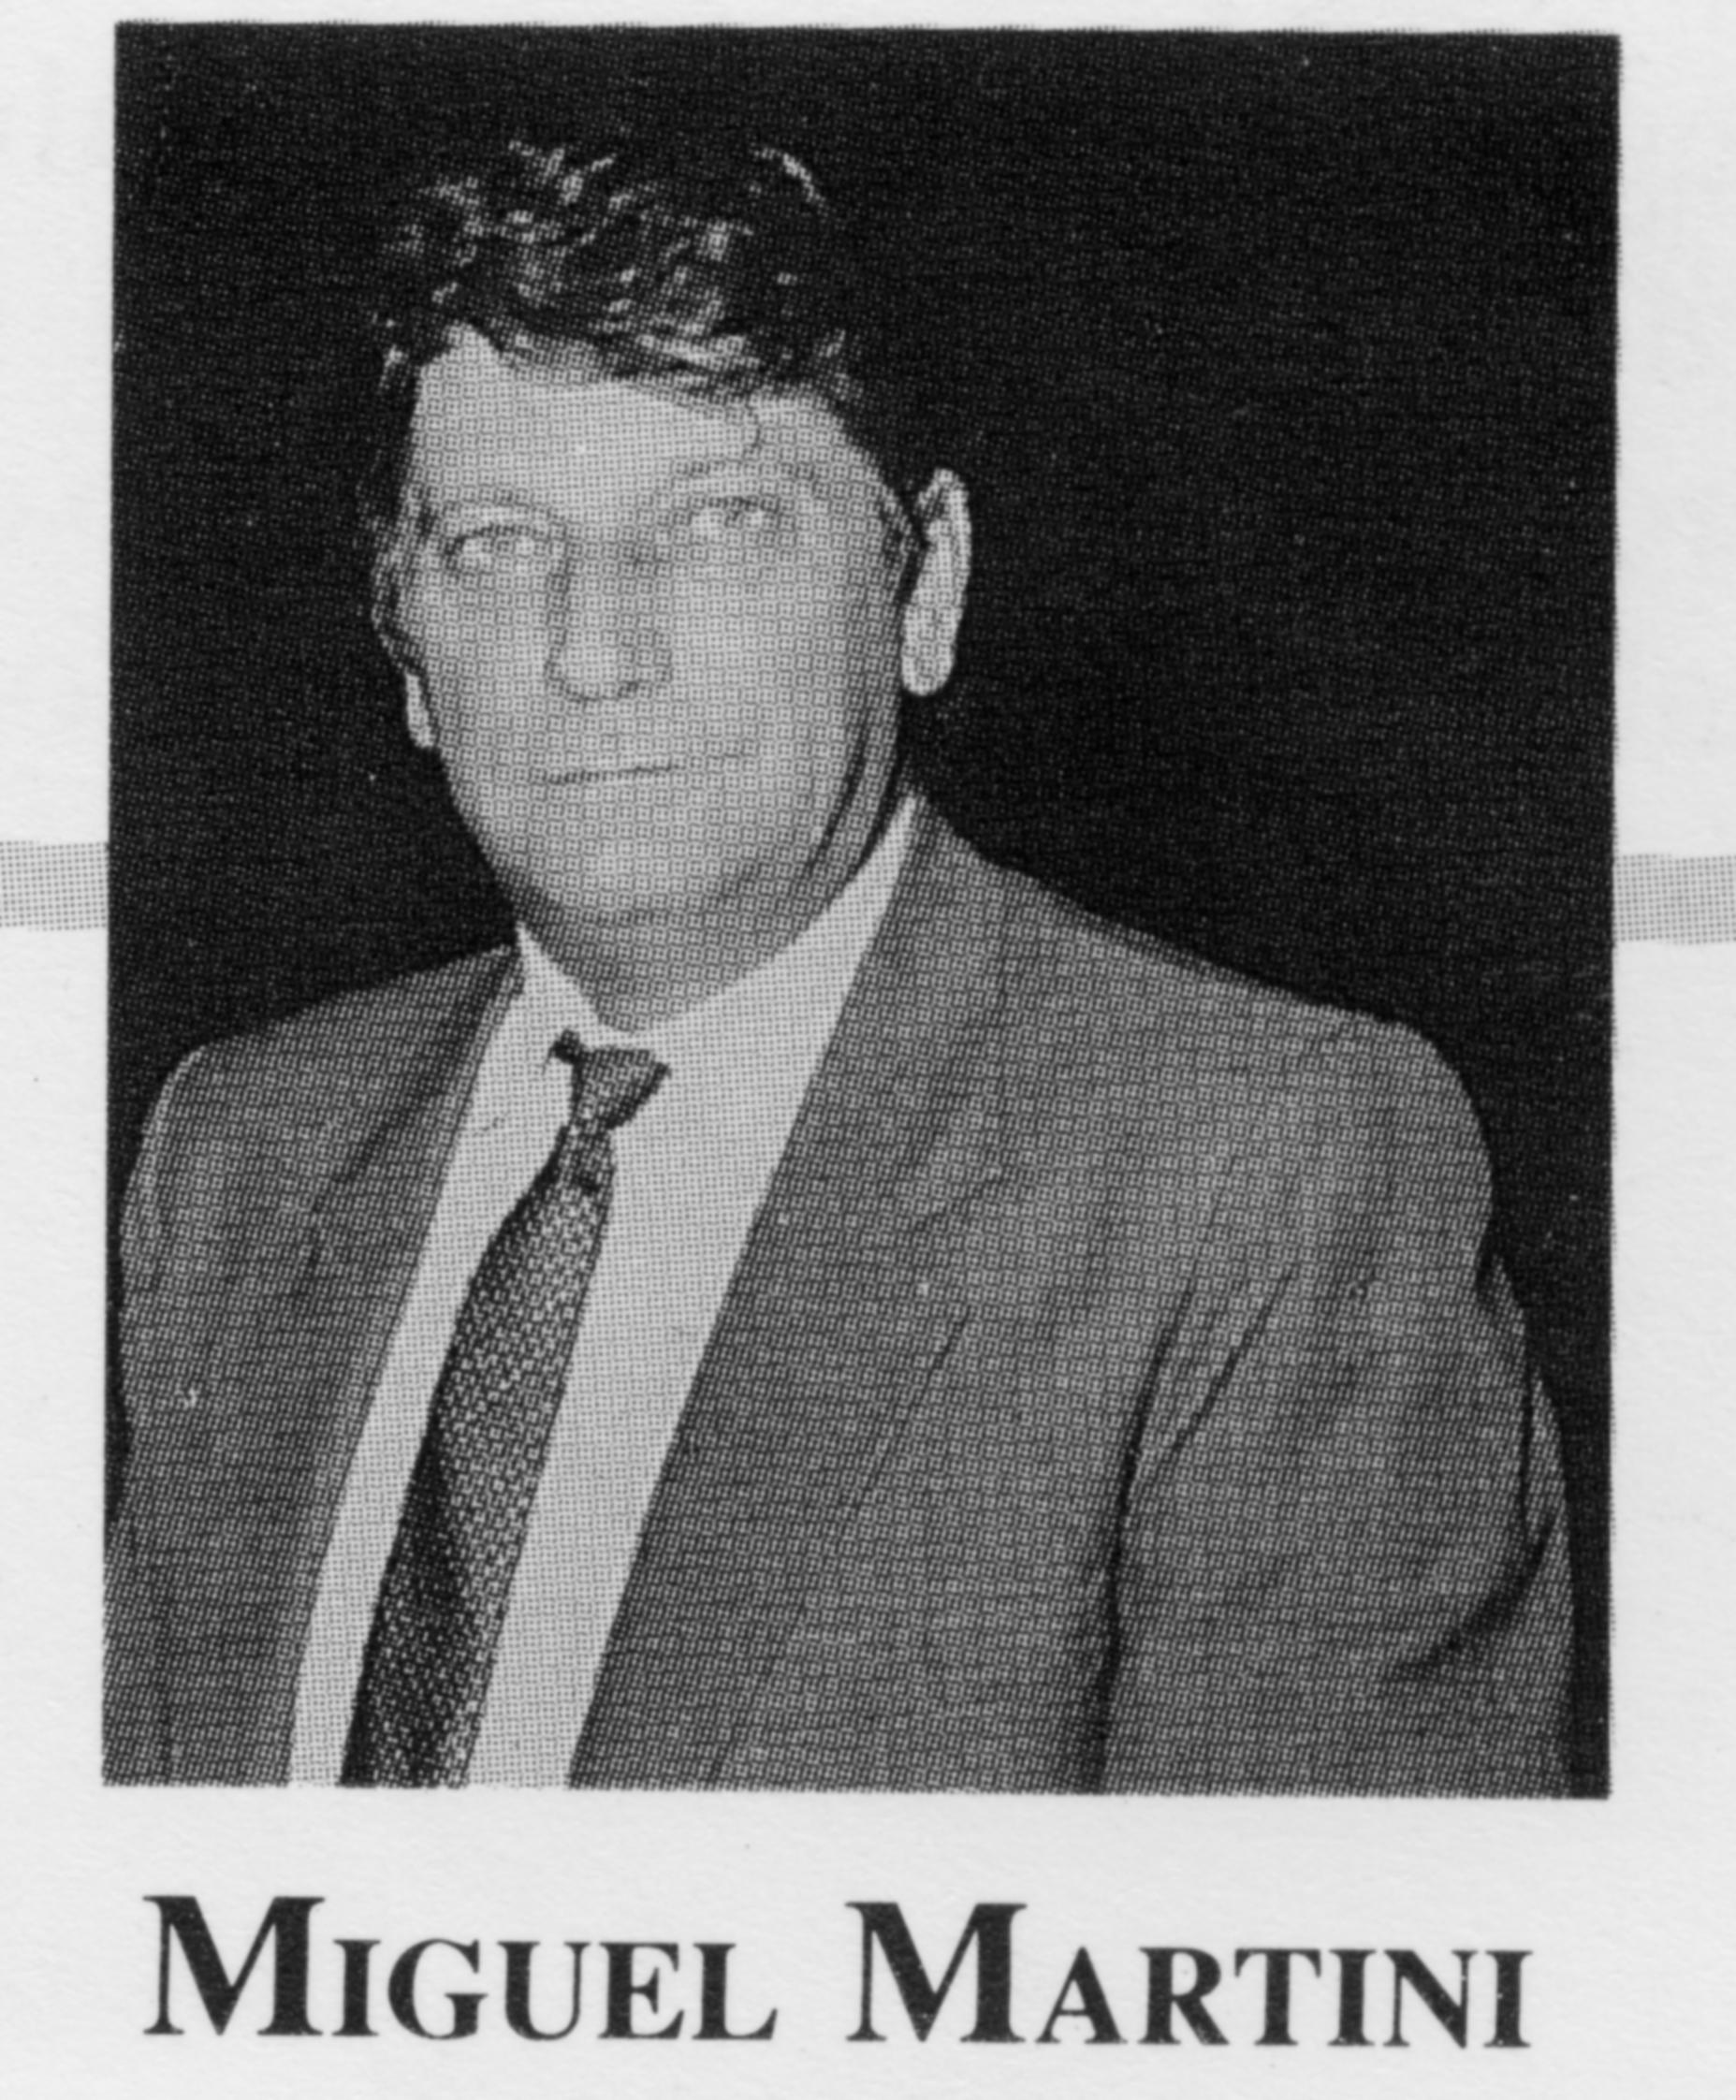 Miguel Martini